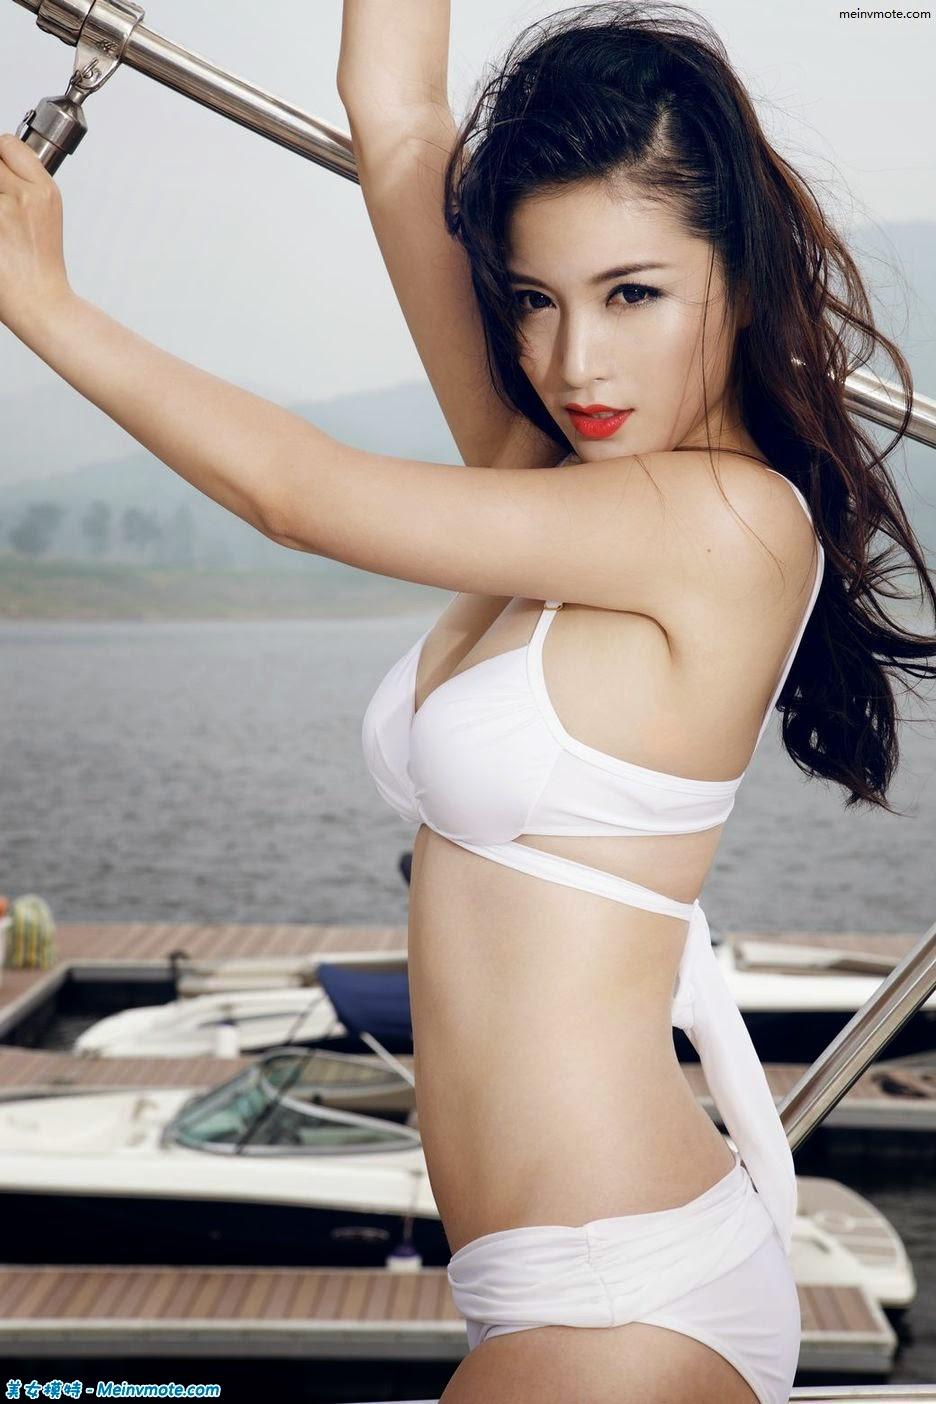 Hot uninhibited female figure on a yacht